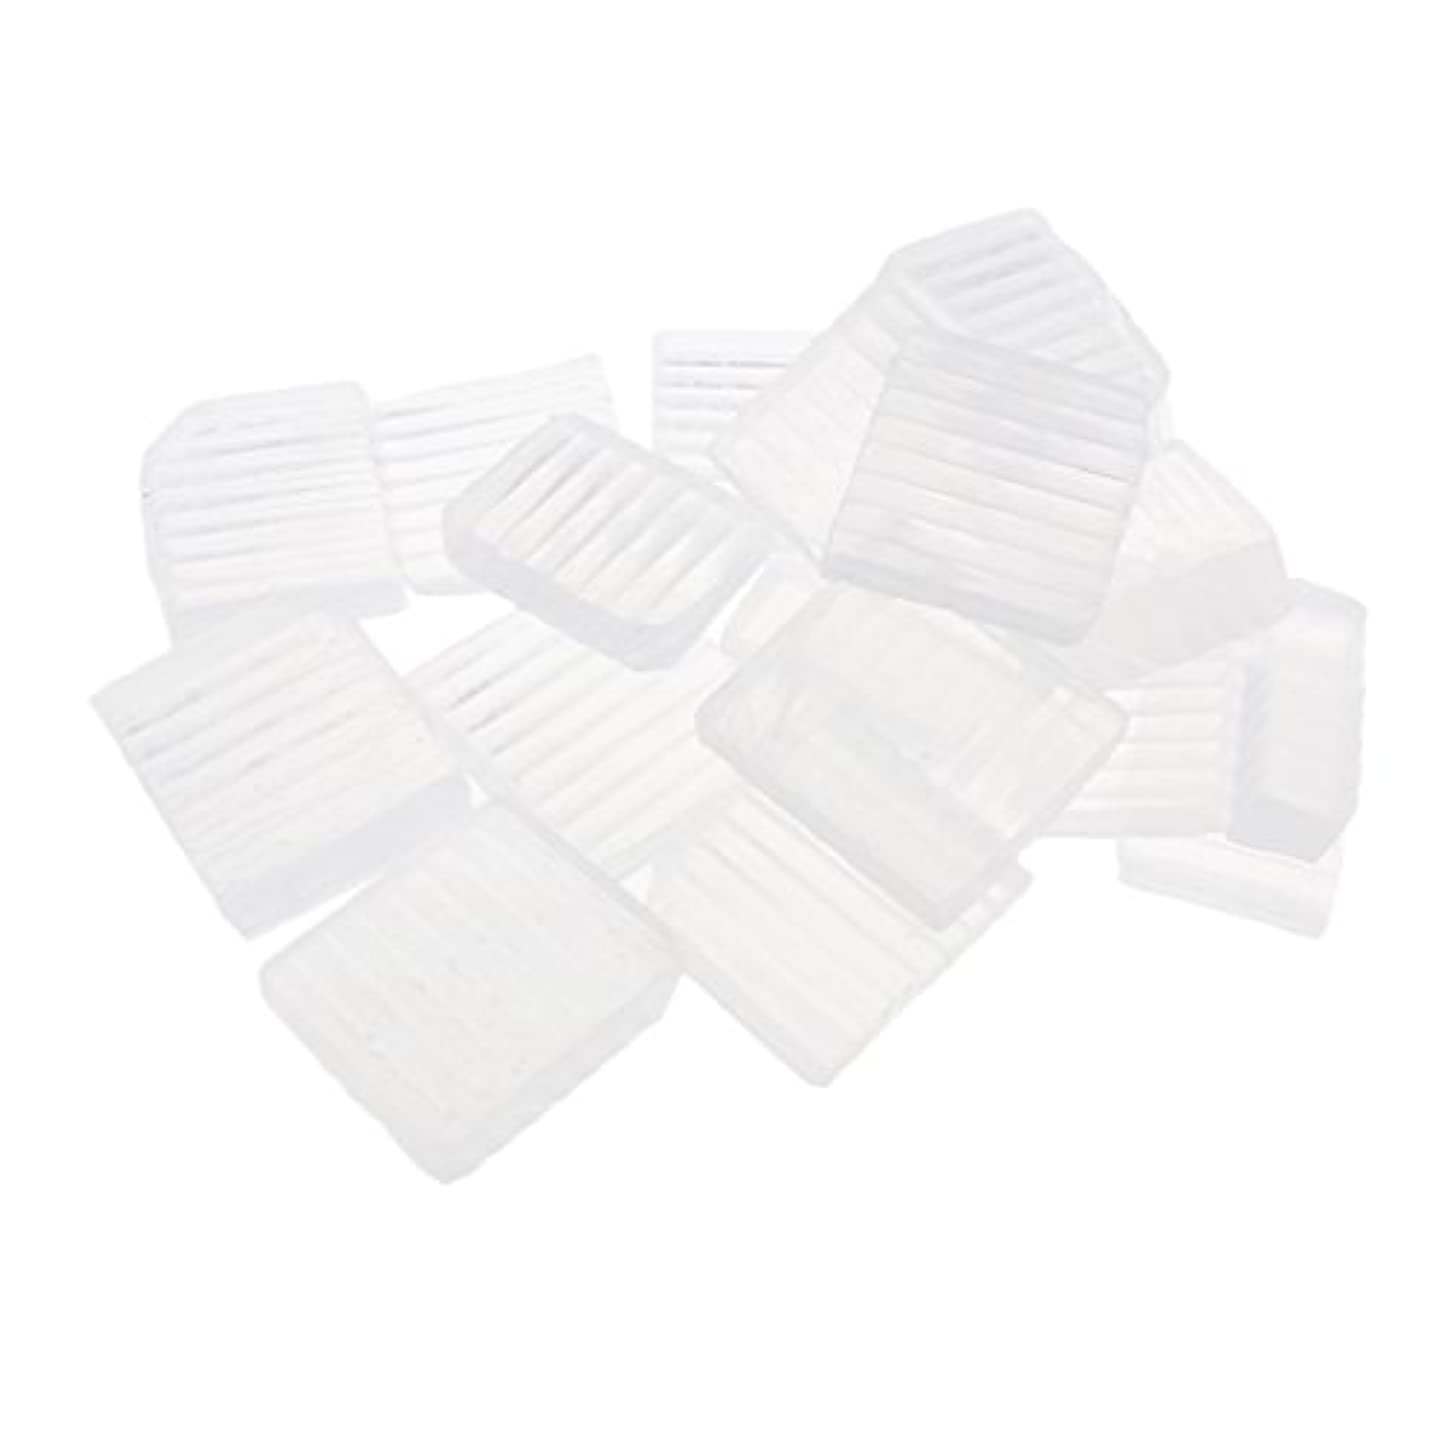 不正相談副産物chiwanji 透明メルト プアソープベース DIY ハンドメイド ソープ生素材 透明 石鹸ベース 手作り 石鹸 約1 KG